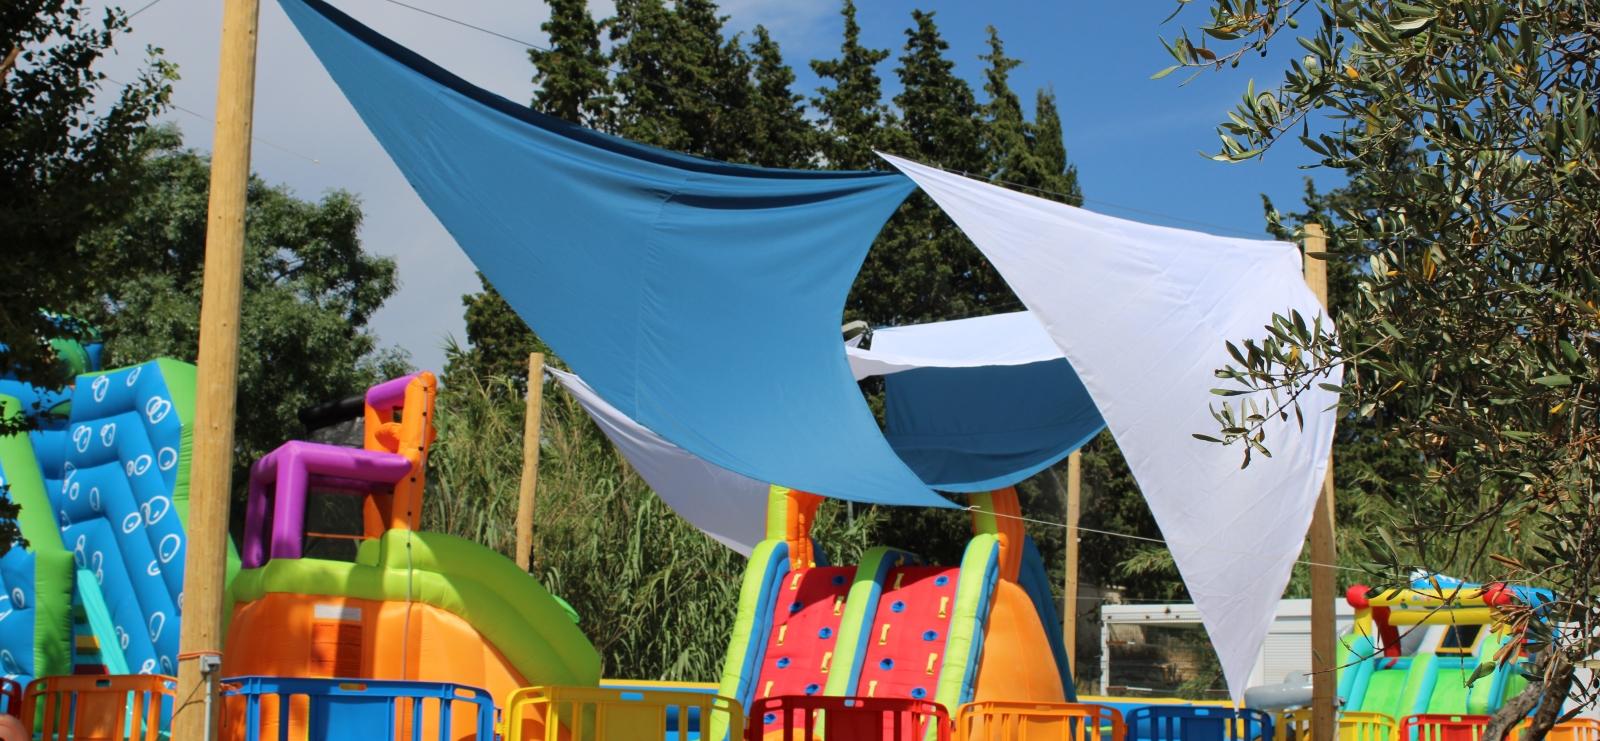 AquaKids parc enfant